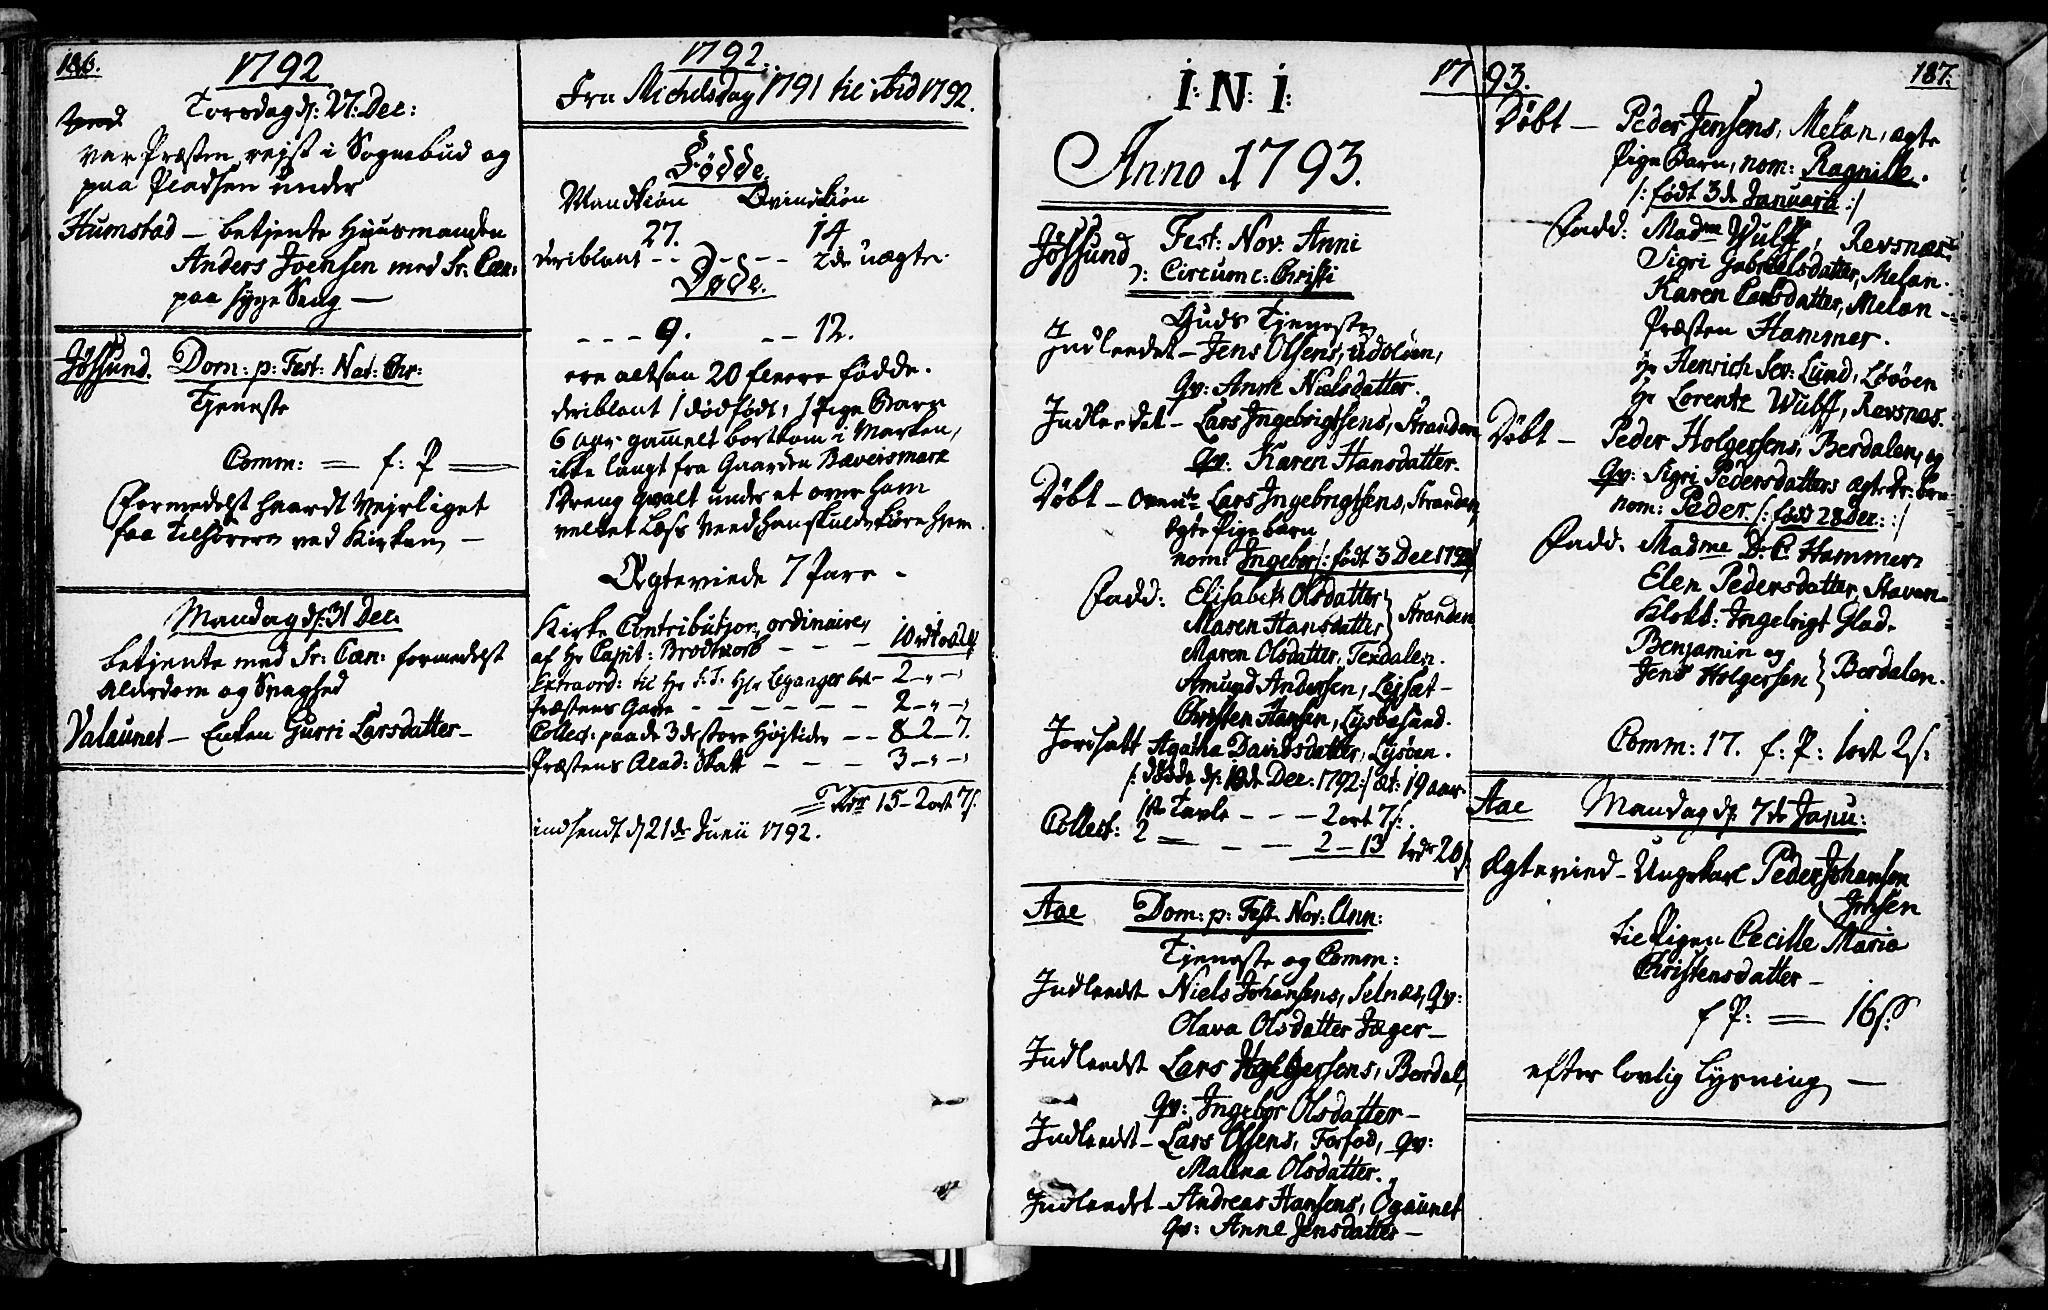 SAT, Ministerialprotokoller, klokkerbøker og fødselsregistre - Sør-Trøndelag, 655/L0673: Ministerialbok nr. 655A02, 1780-1801, s. 186-187